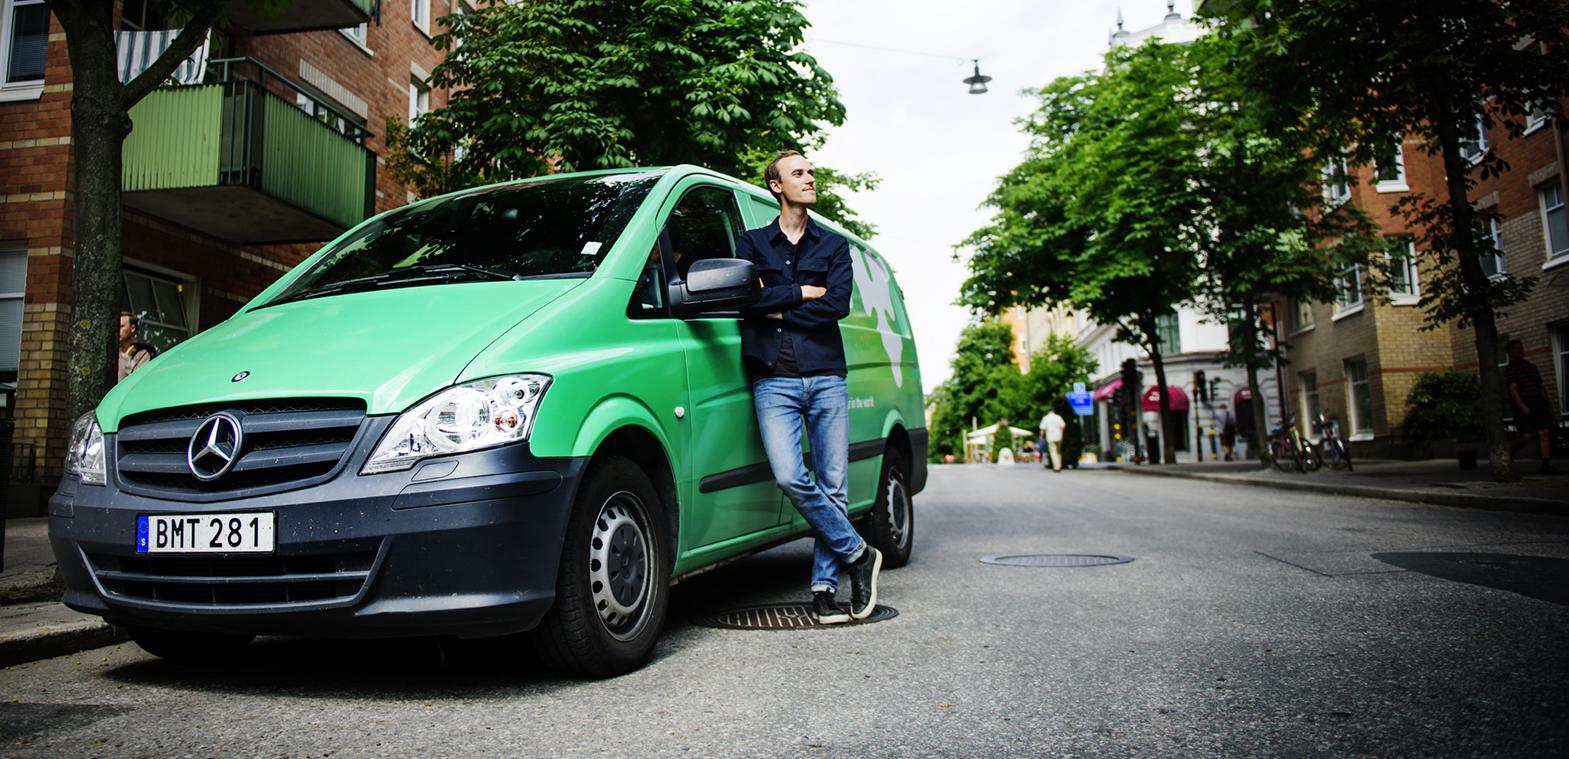 Eventbyrån Knut Kommunikation hyr transportbilar från Mercedes-Benz Stockholm för olika arrangemang. Bilarna stripas om inför olika event, bland kunderna finns Carlsberg. Här tillsammans med Zackarias Bliman.